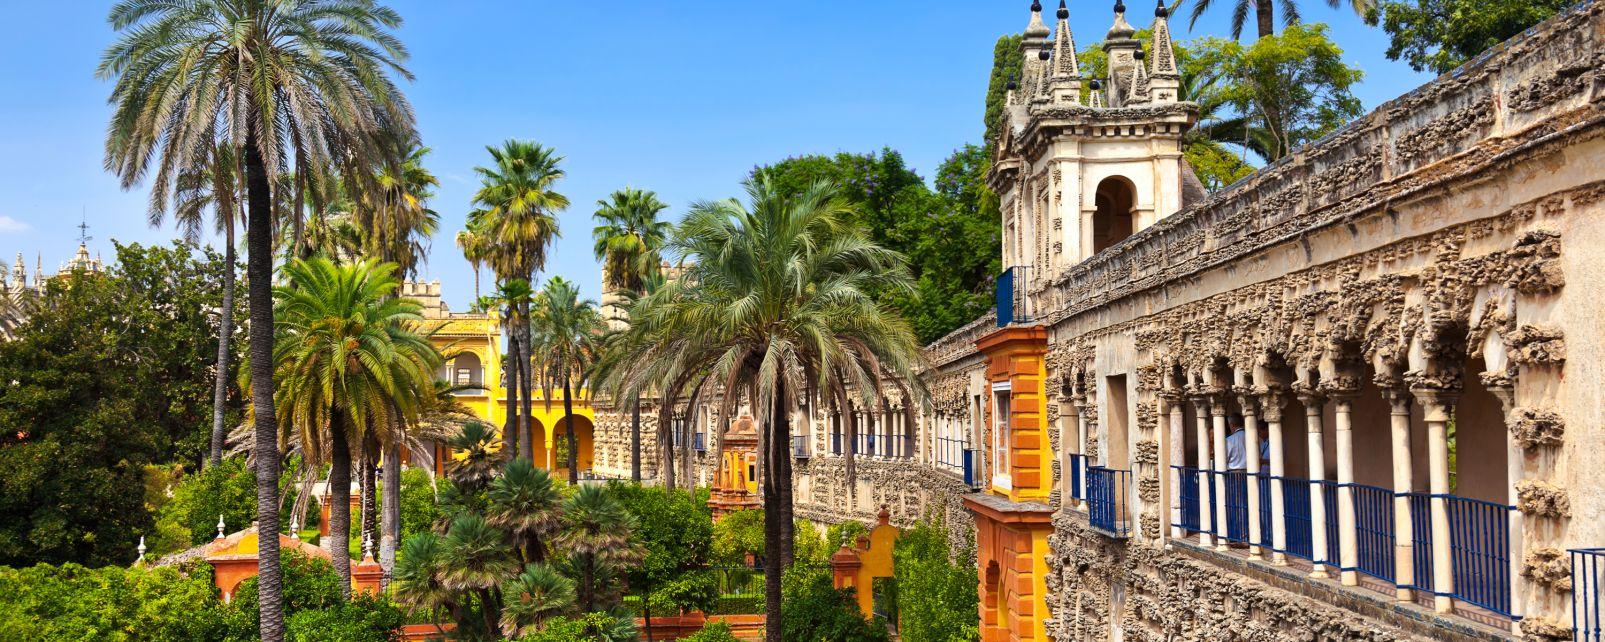 Le palais de l'Alcazar à Séville, Les monuments, Andalousie